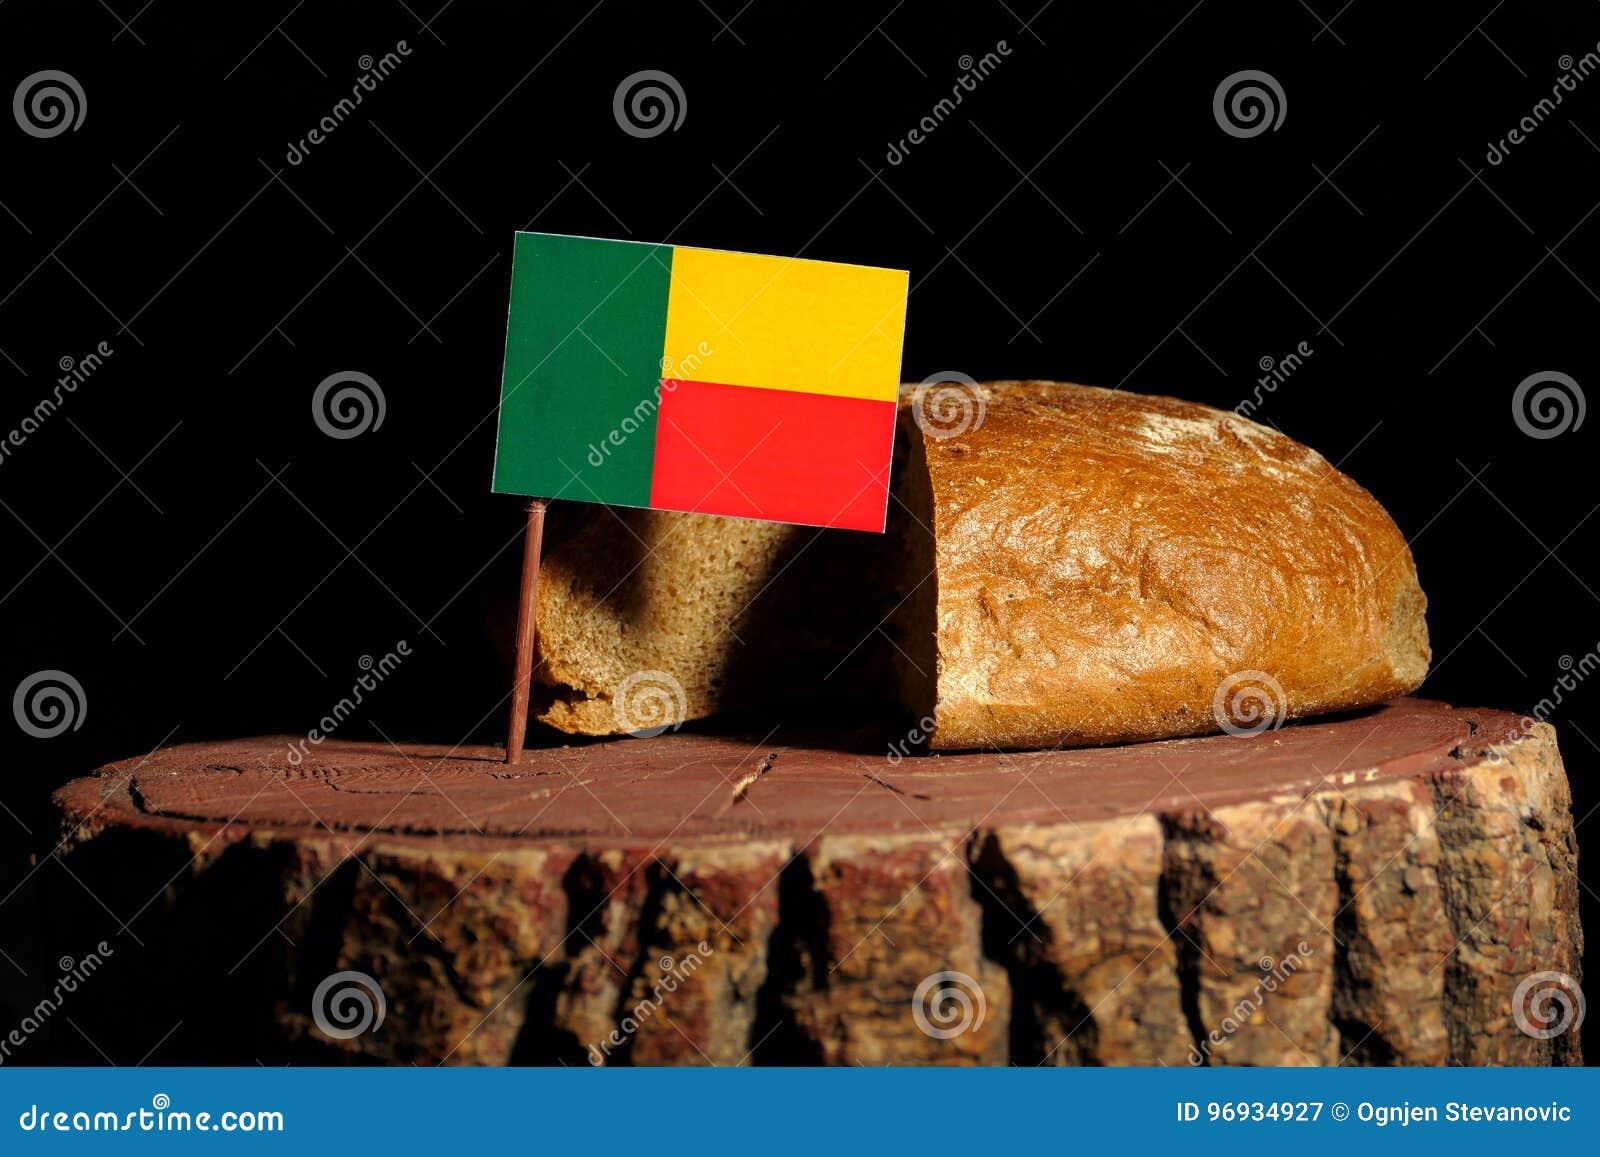 Bandeira de Benin em um coto com pão